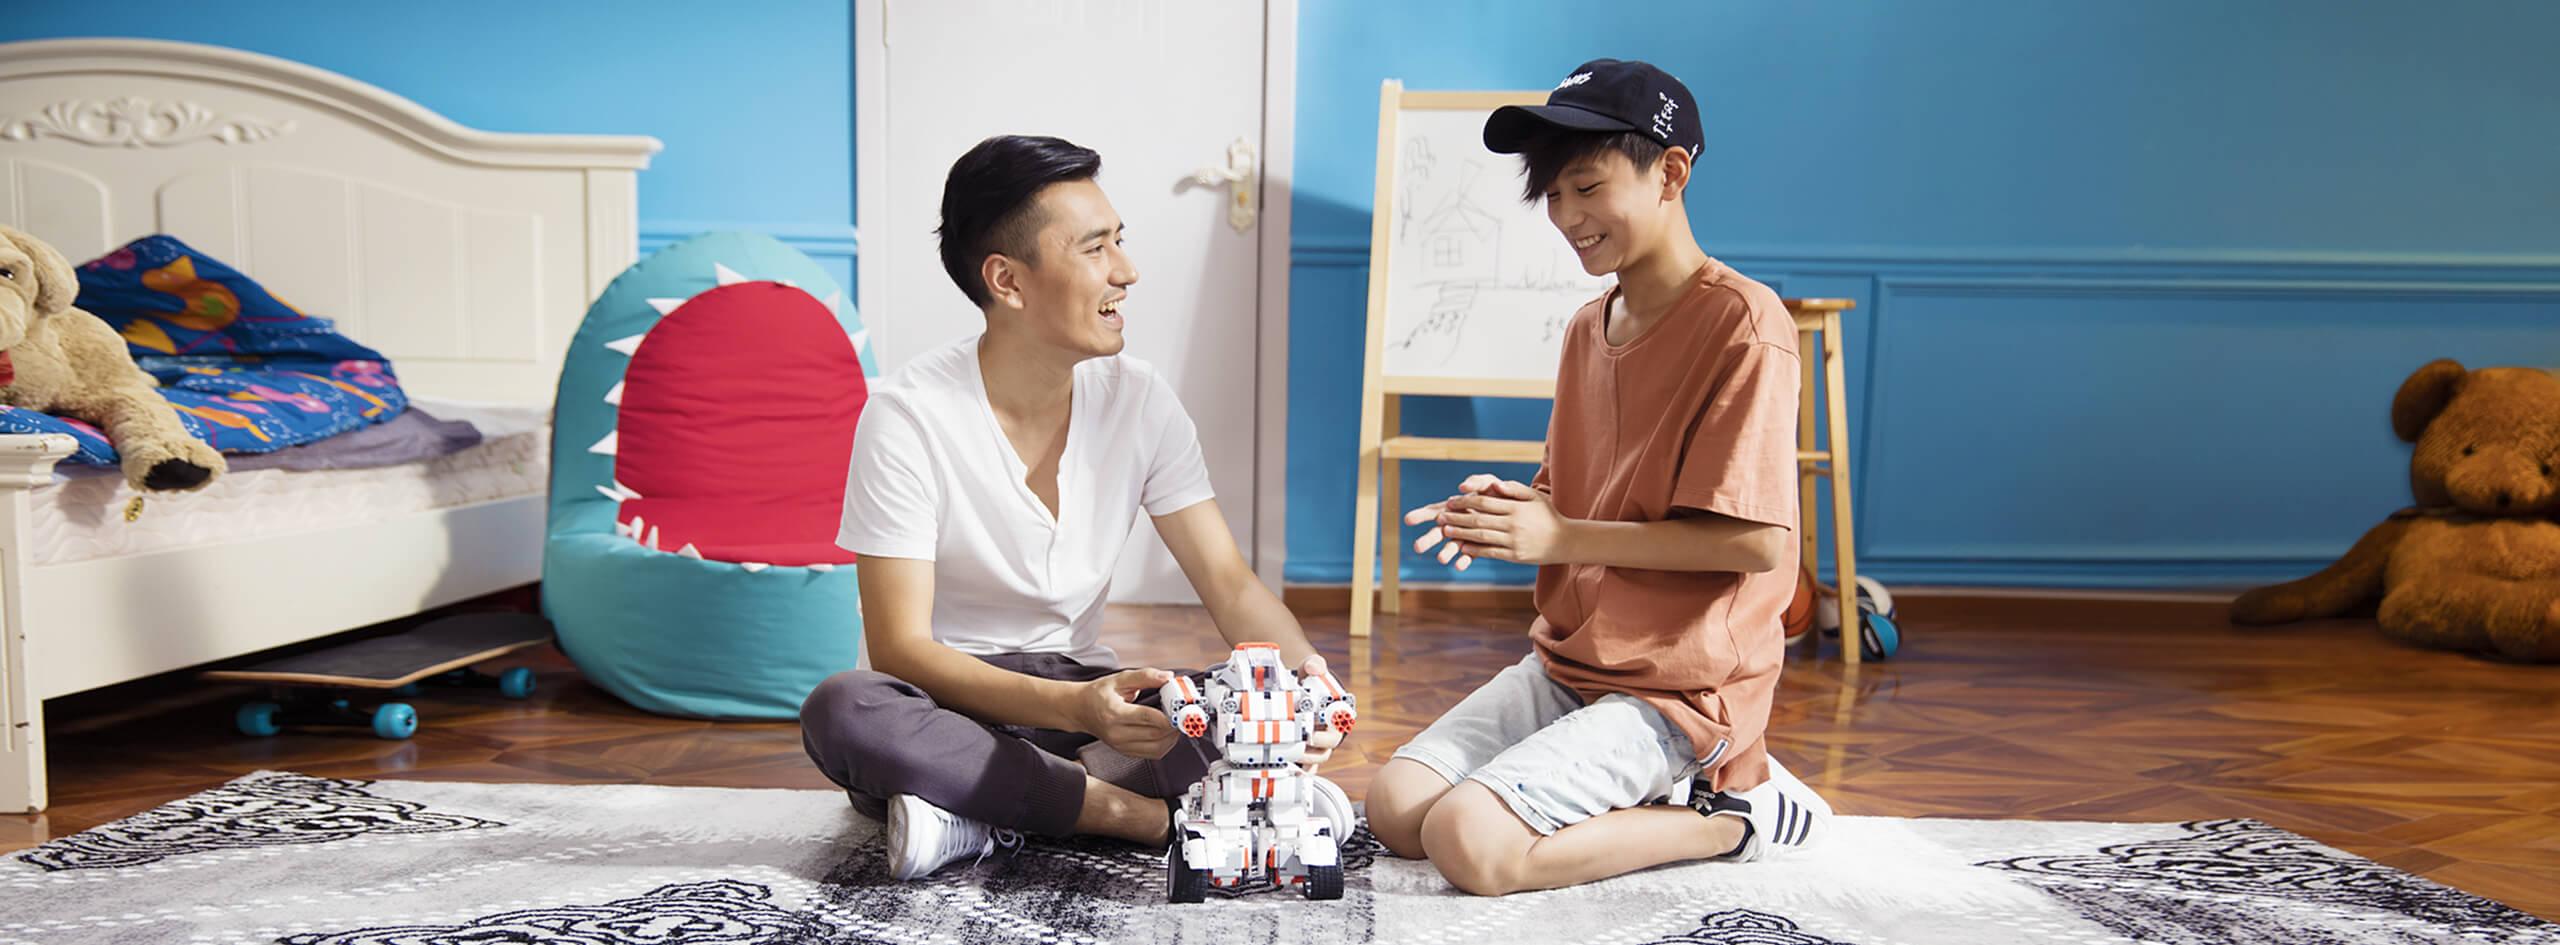 بلوکهای ربات سازی Mi Bunny؛ یک اسباب بازی برای کودکان و بزرگسالان در هر سنی